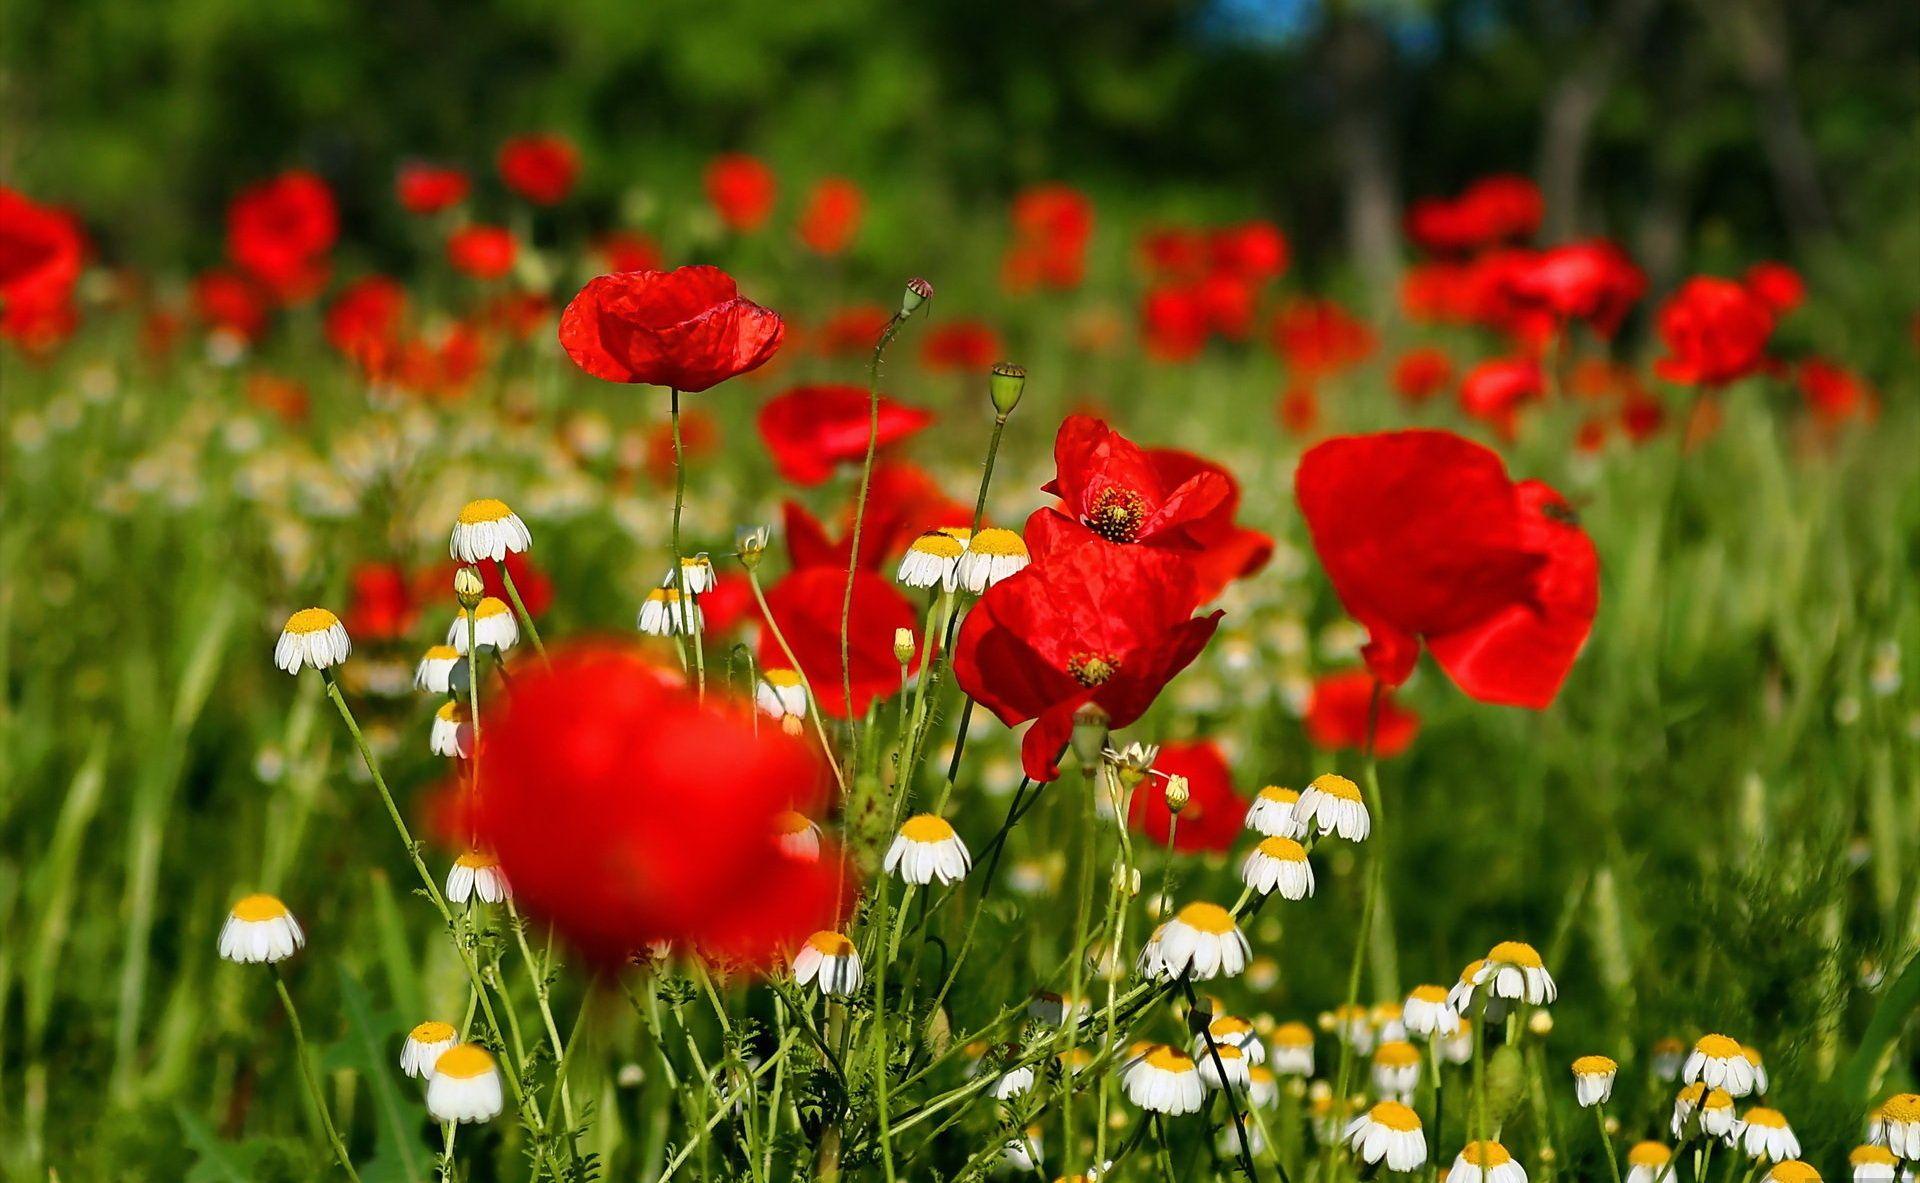 Flowers Field Desktop Background Wallpaper Free